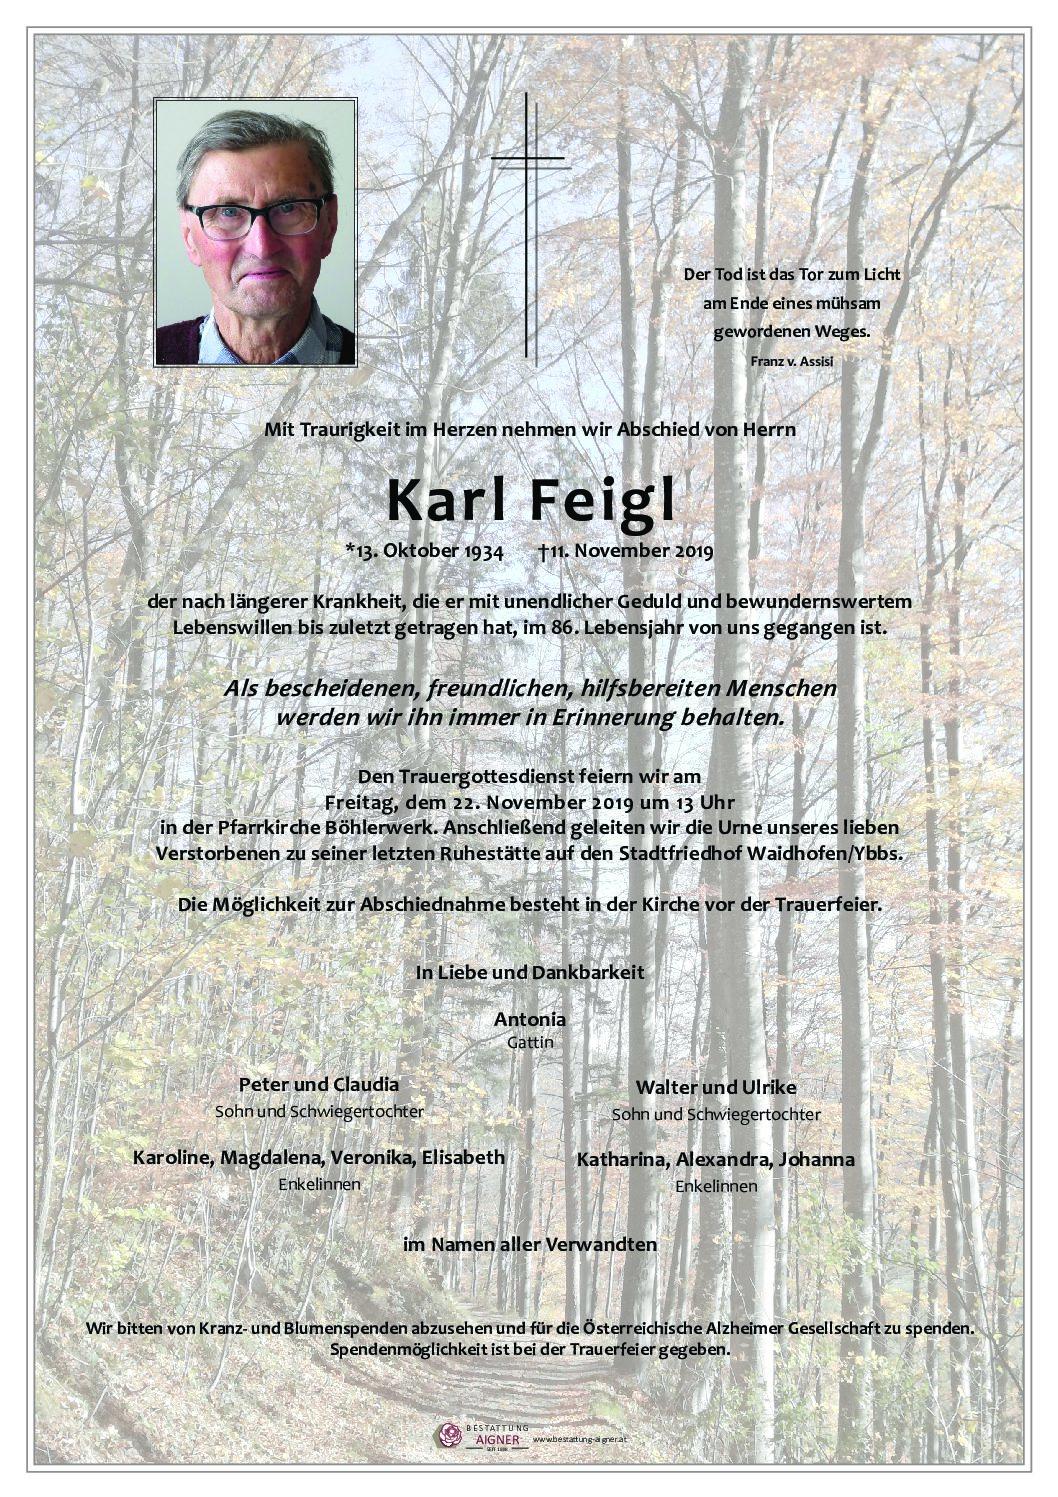 Karl Feigl